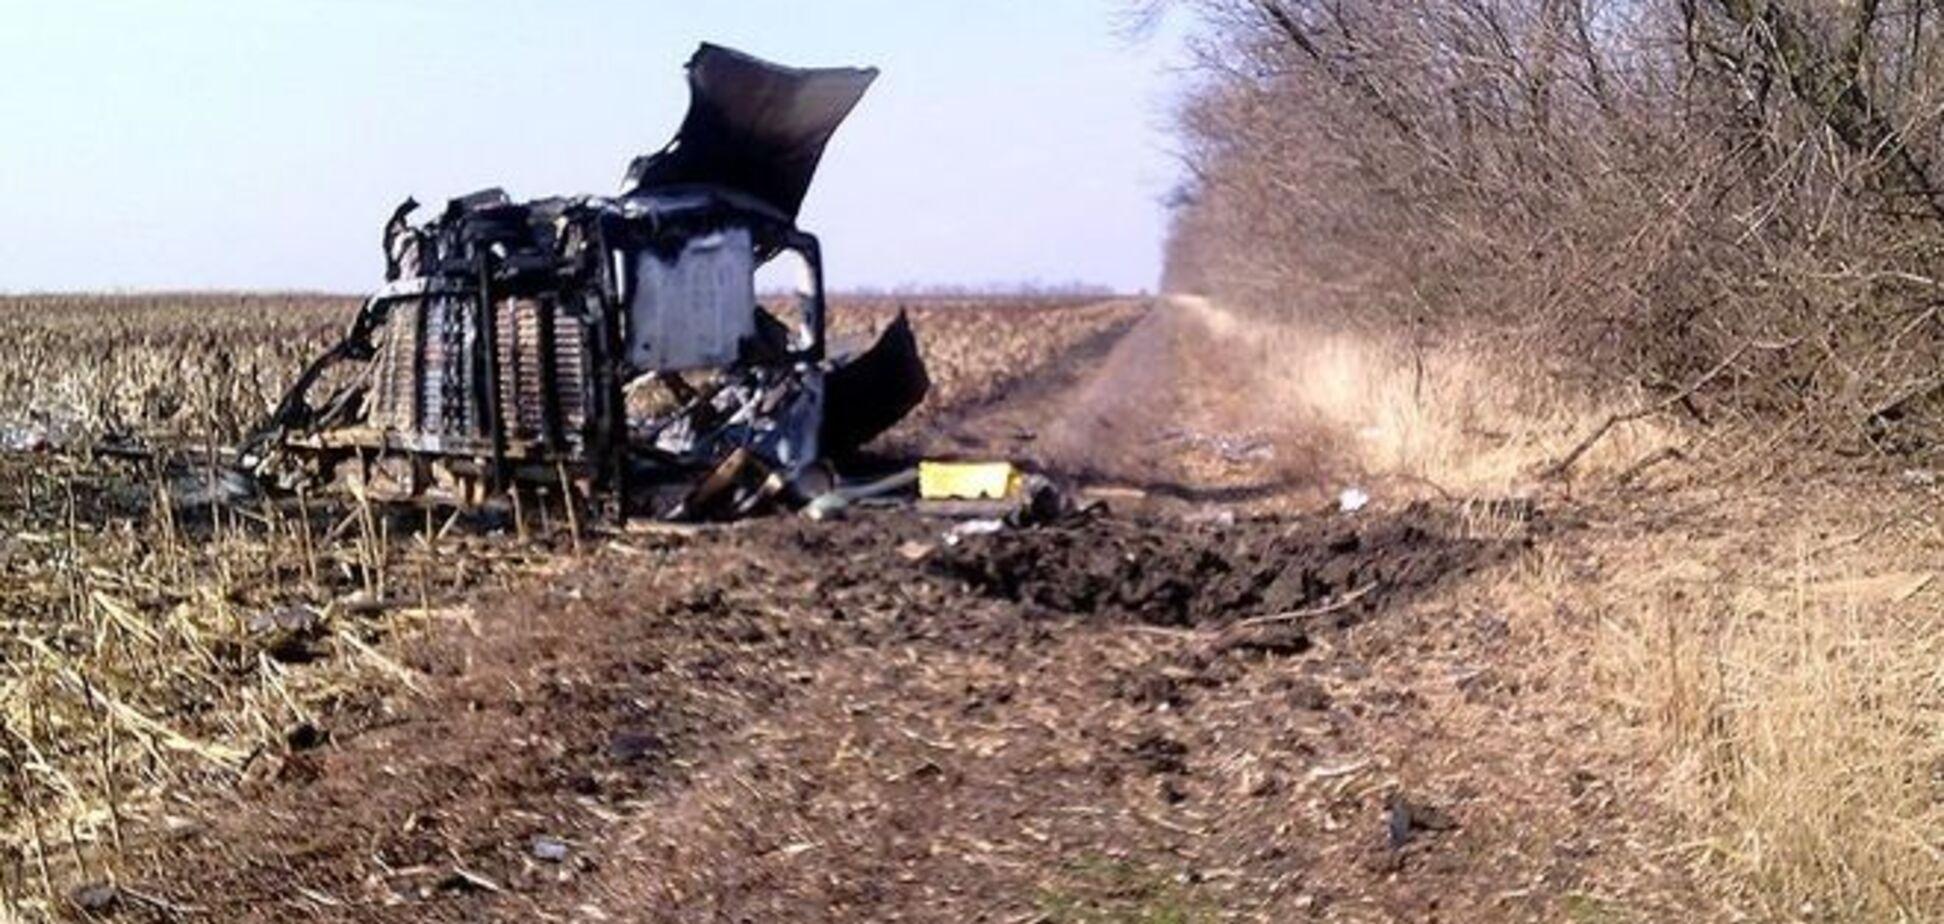 'Правый сектор' взорвал на Донетчине три авто с боевиками: фото с места событий